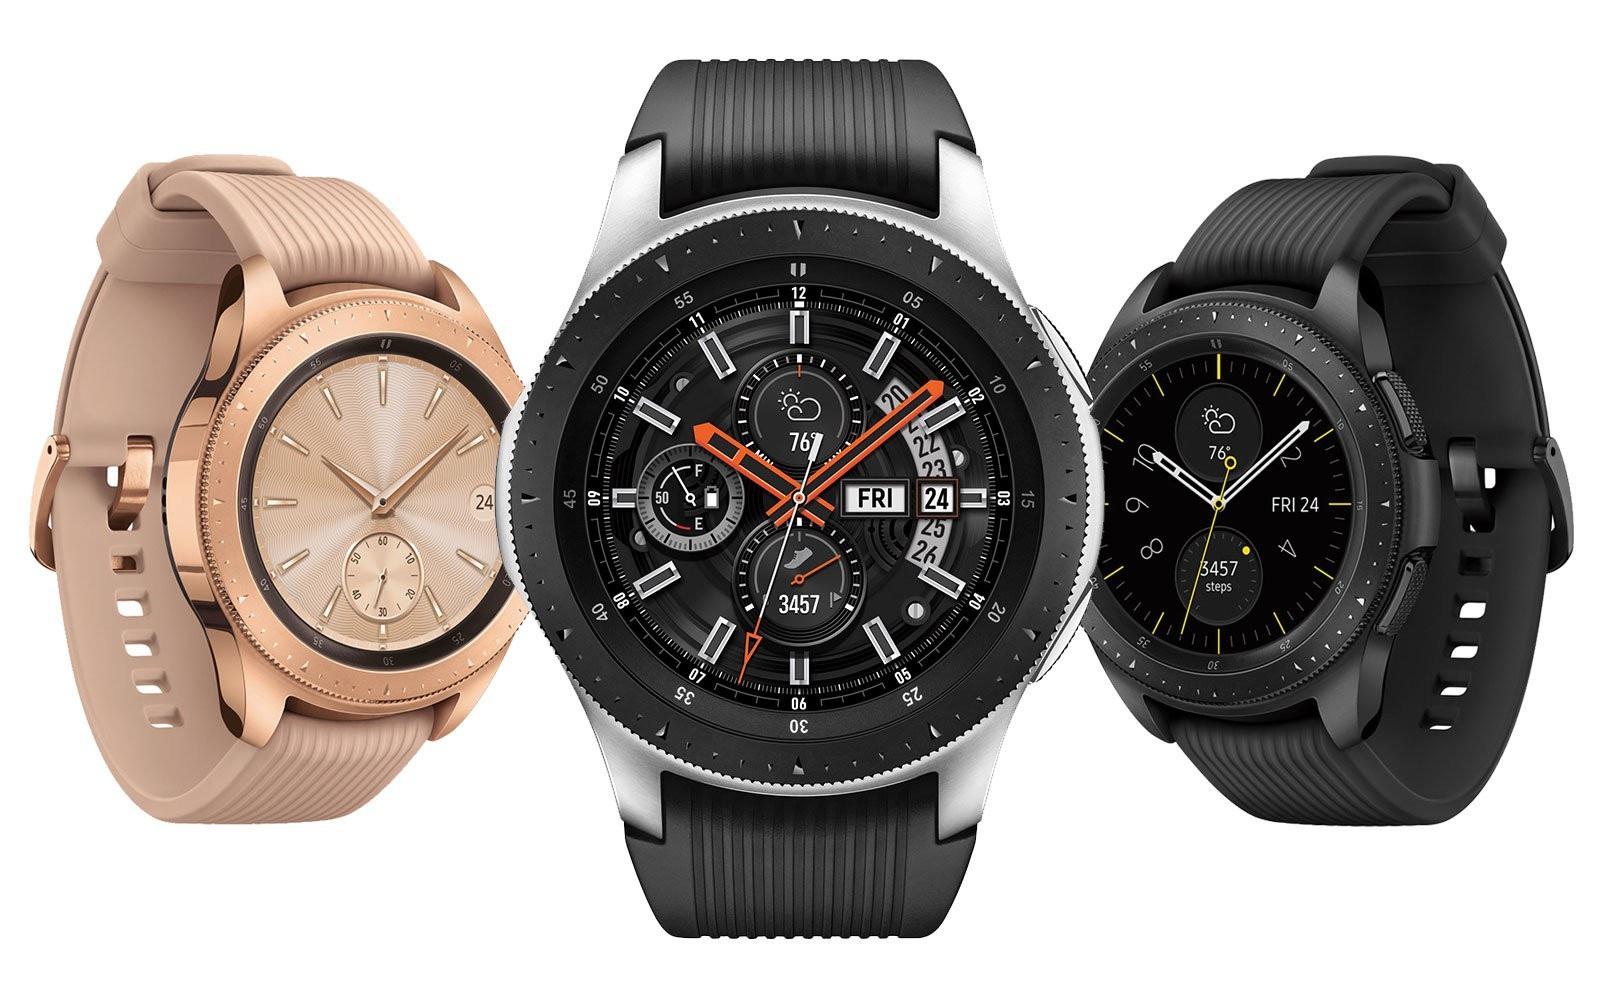 Samsung Galaxy Watch chính thức ra mắt tại Việt Nam - Ảnh 2.